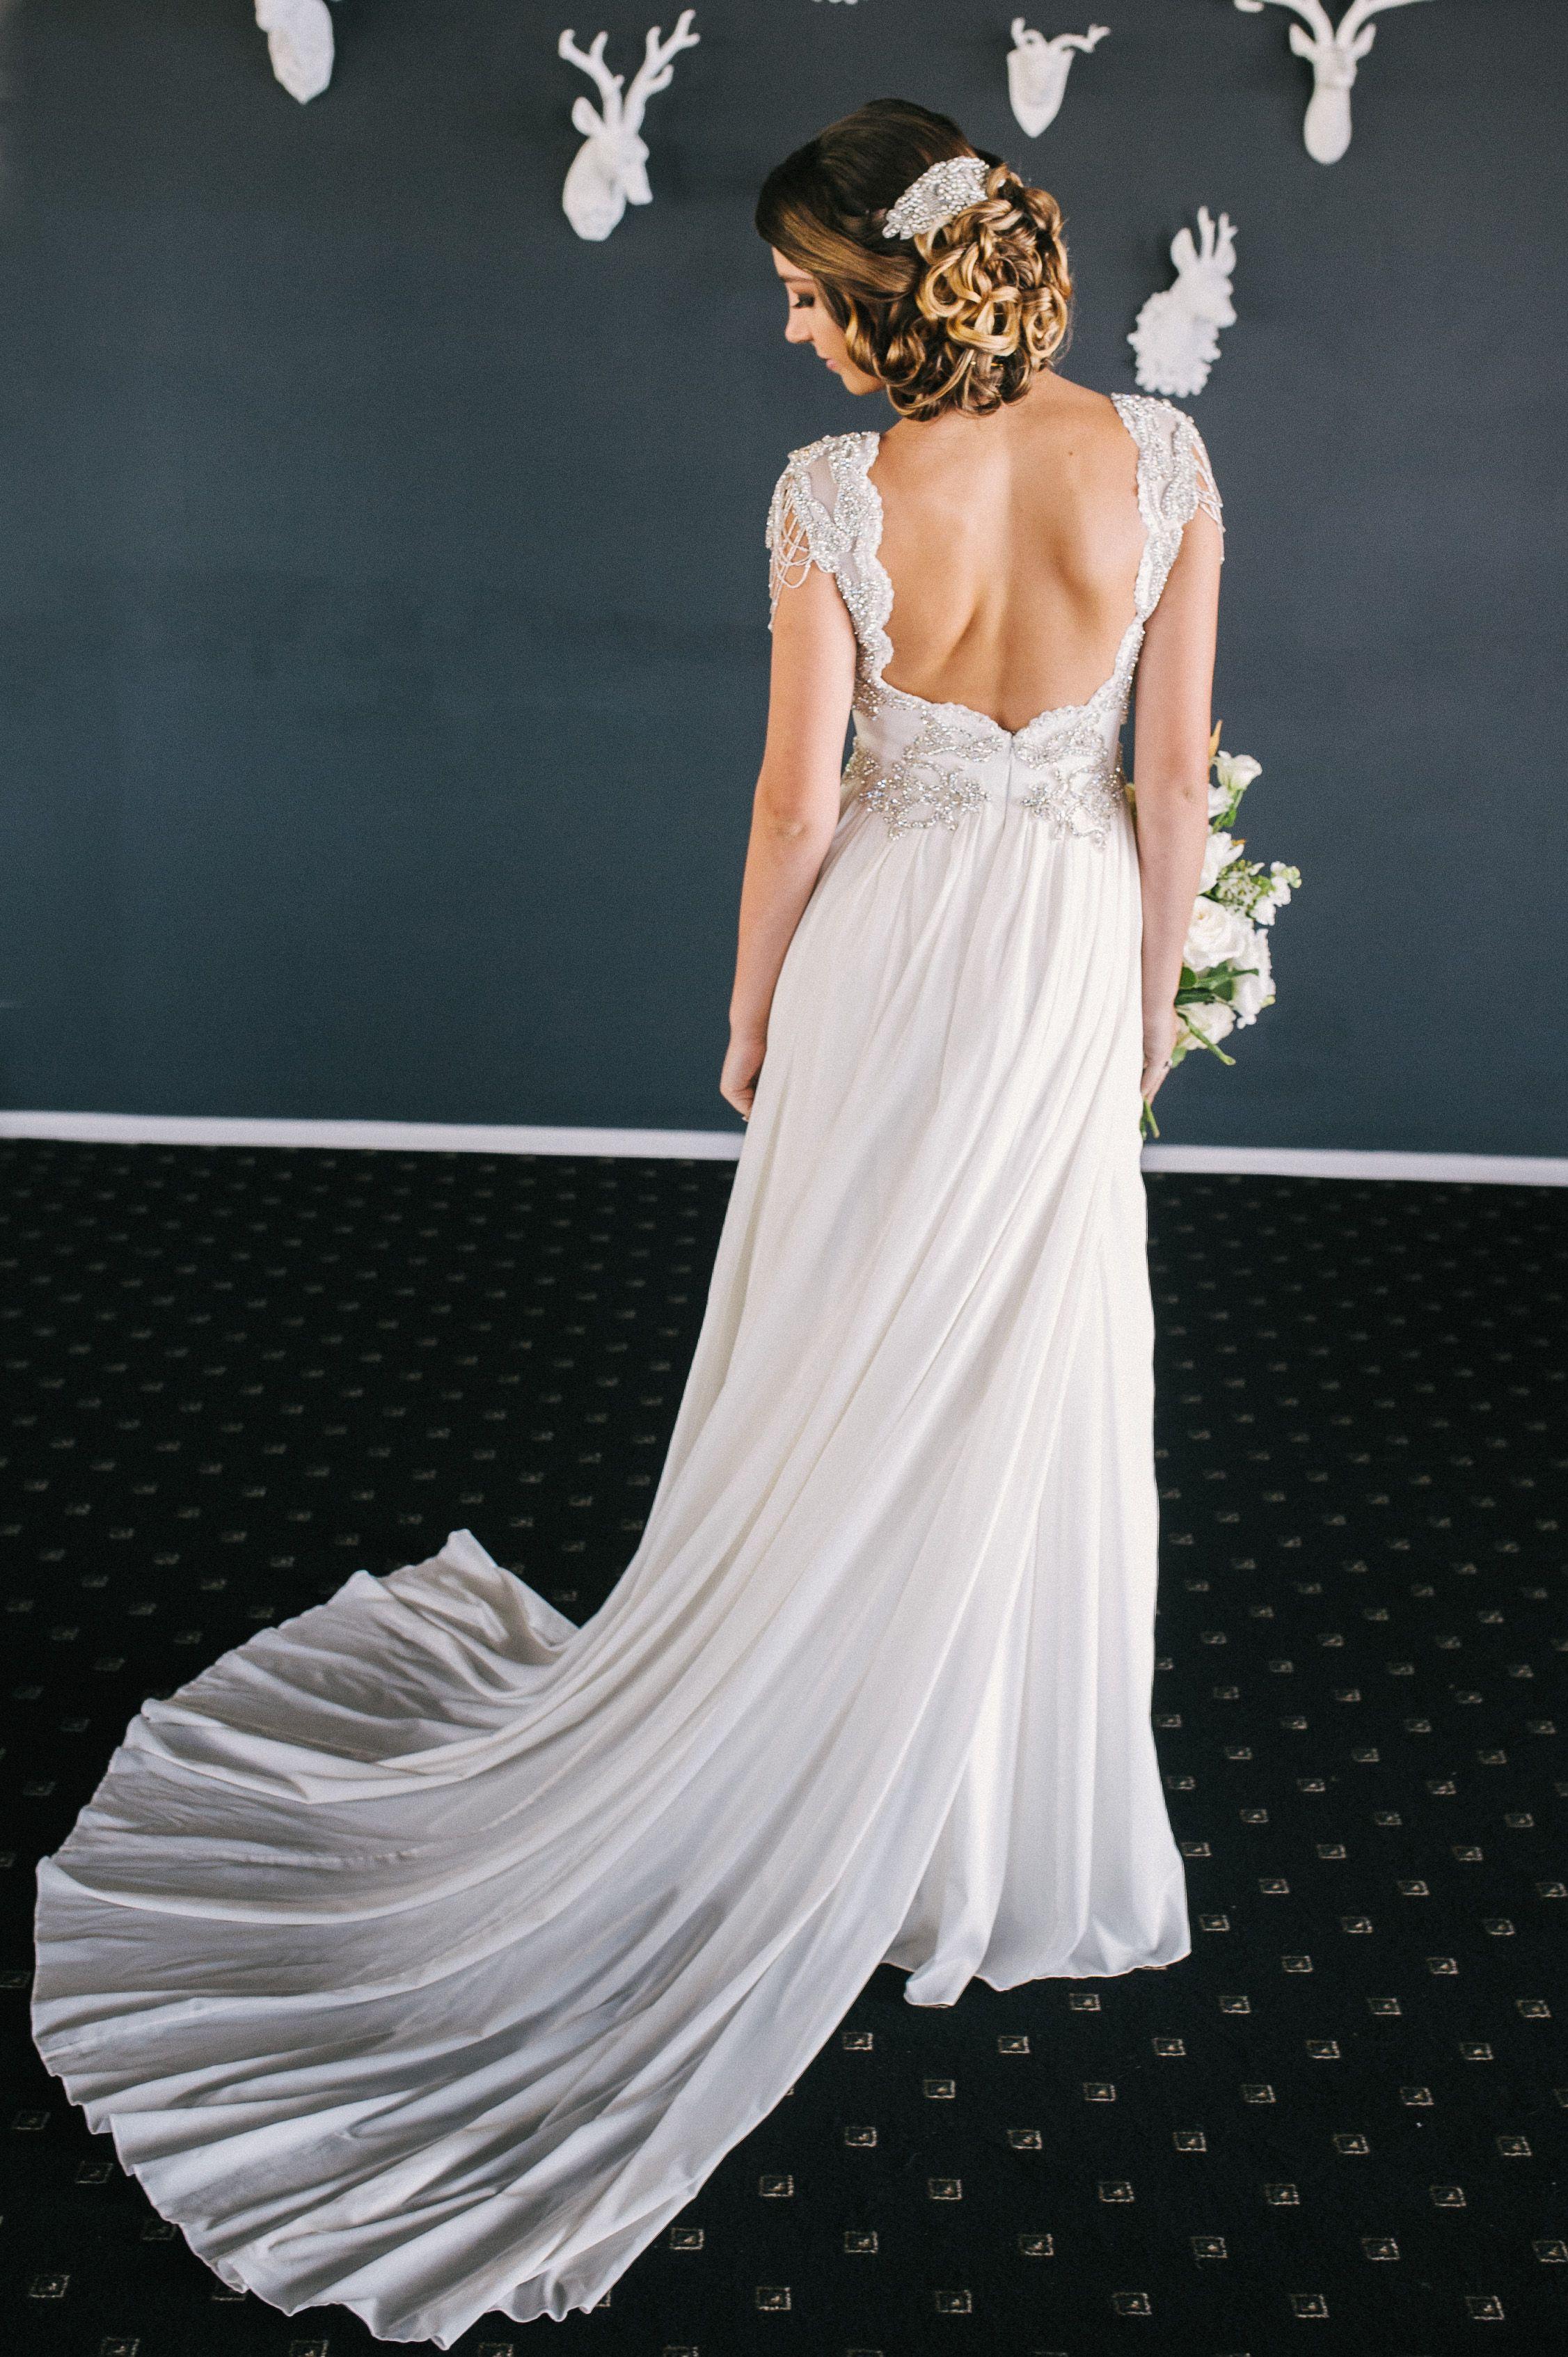 The Indianna Gown Bridal Dresses Designer Wedding Dresses Find Wedding Dress